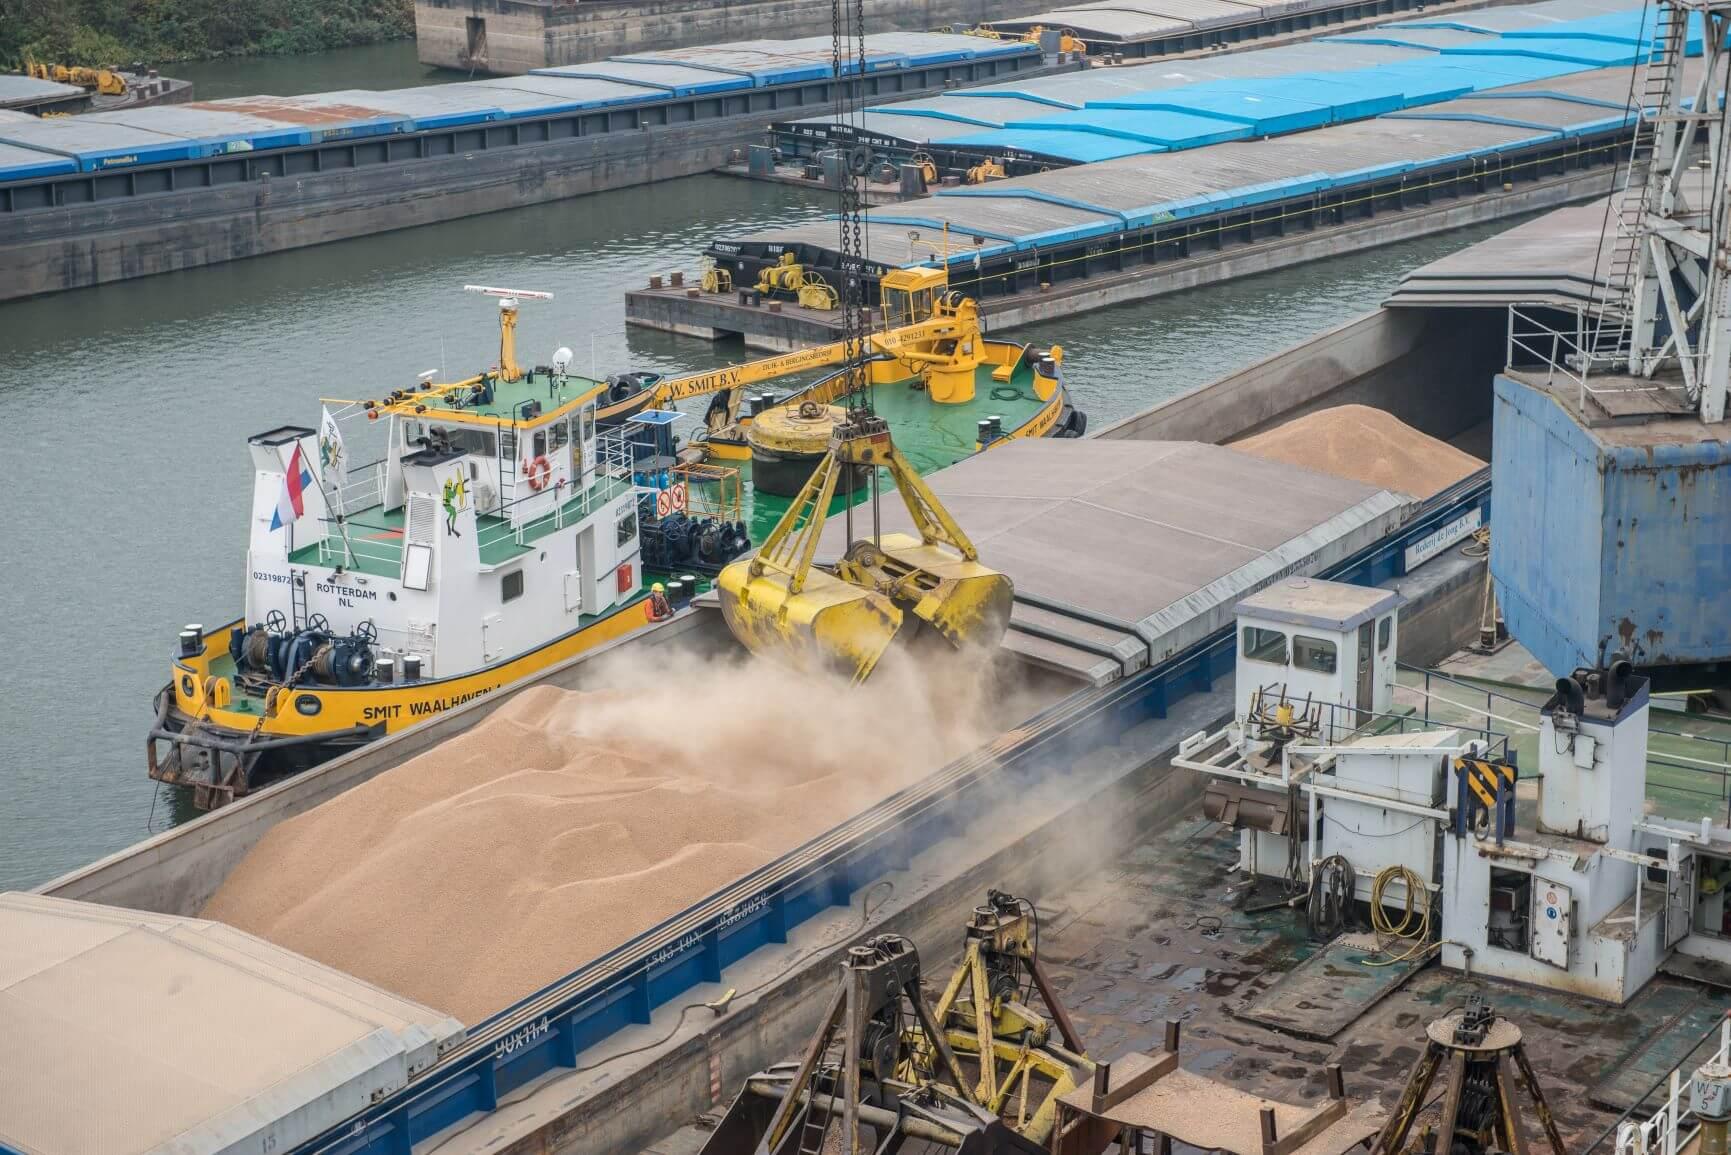 Biomasse wird von einem Schiff entladen